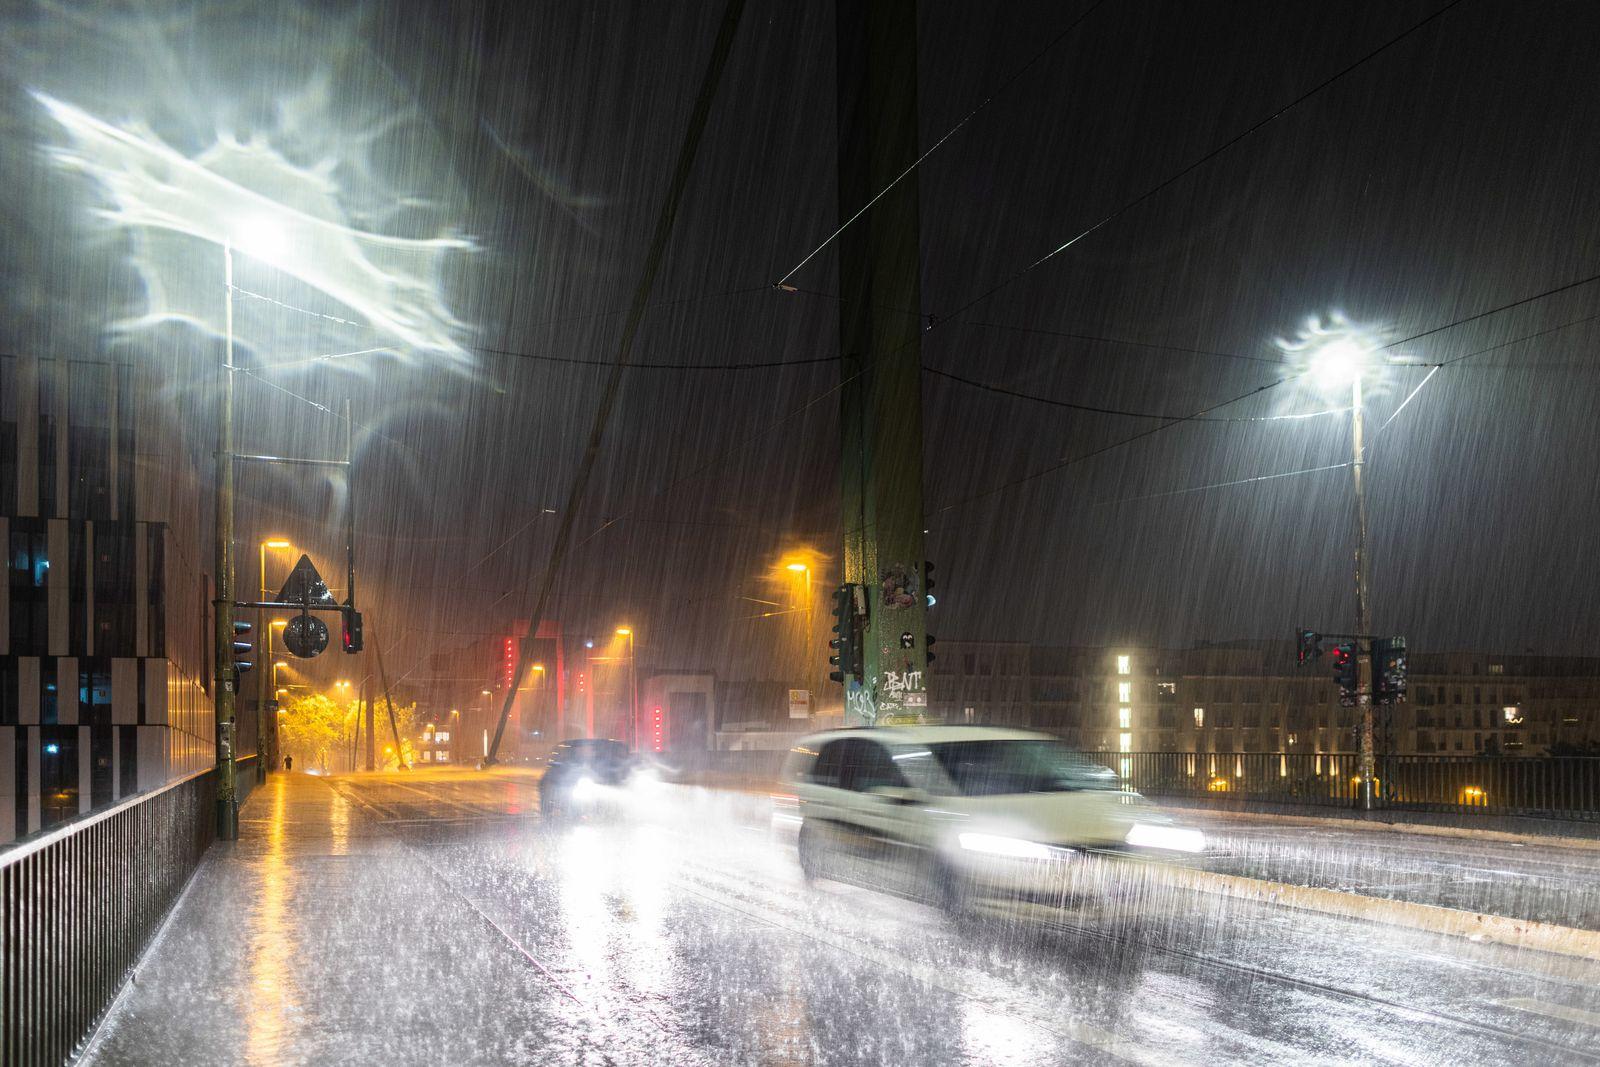 Gewitter in Nordrhein-Westfalen